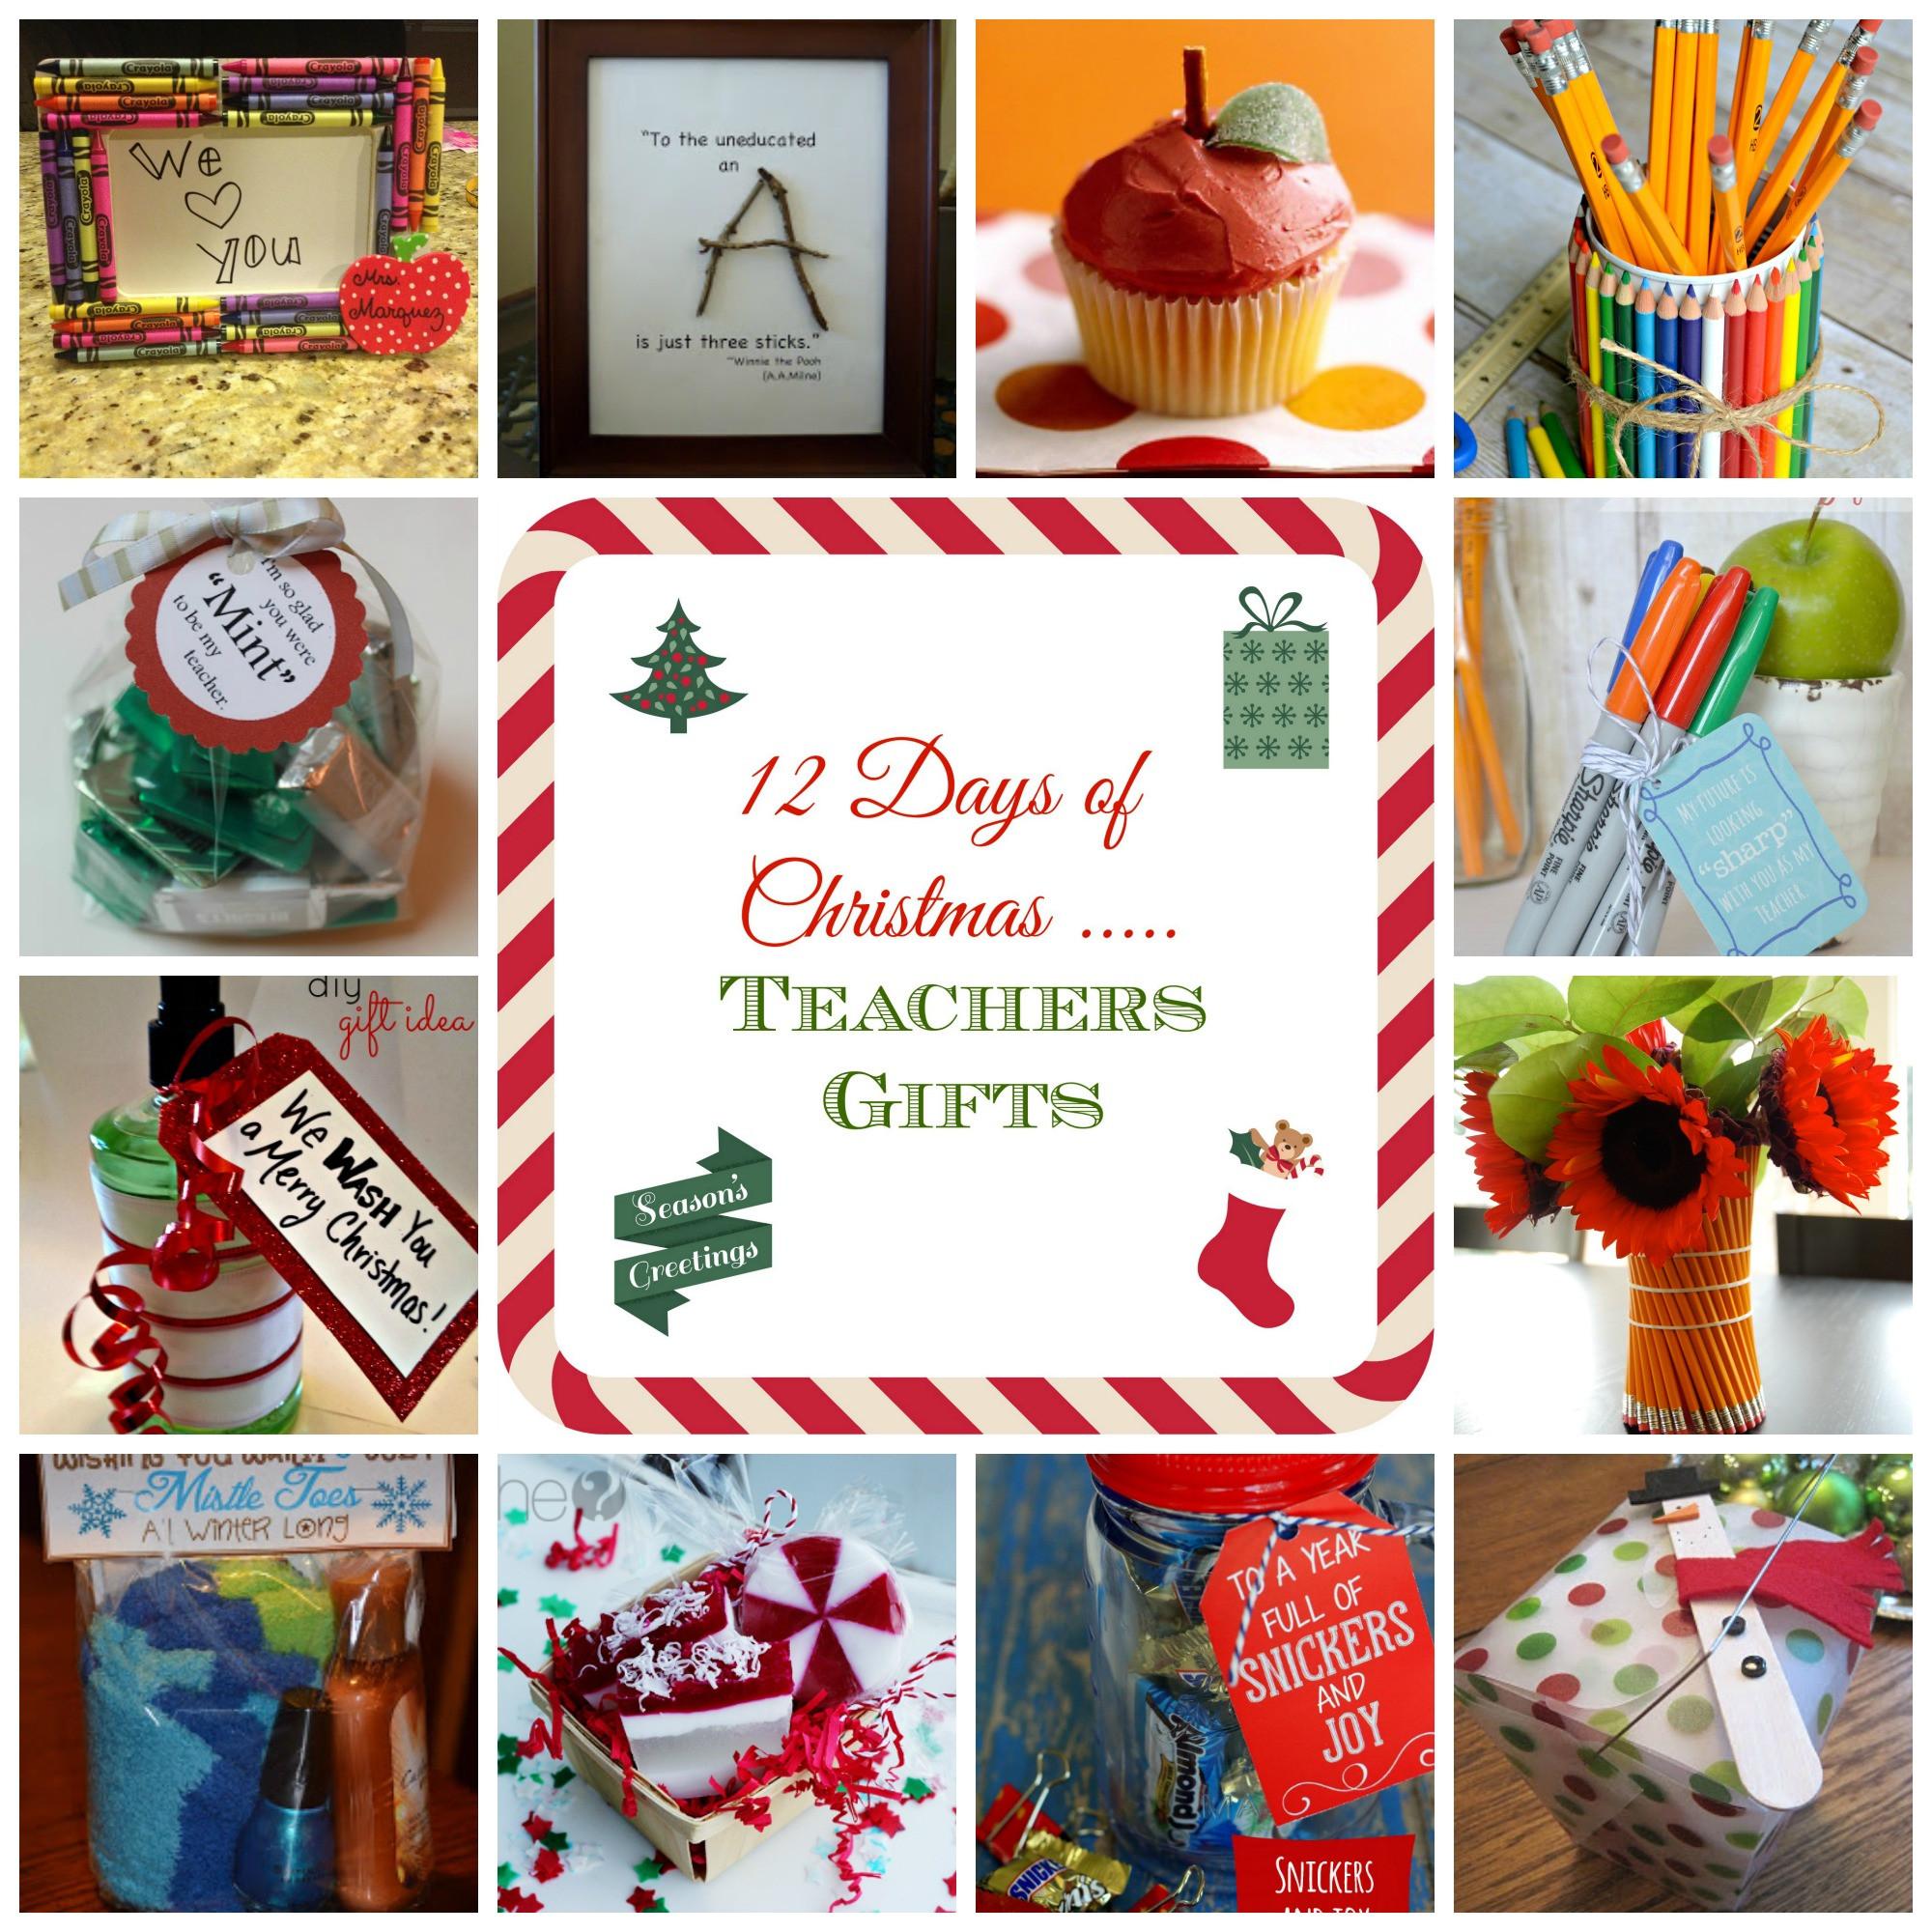 Teacher Christmas Gift Ideas  12 Days of Christmas Teacher Gift Ideas donnahup